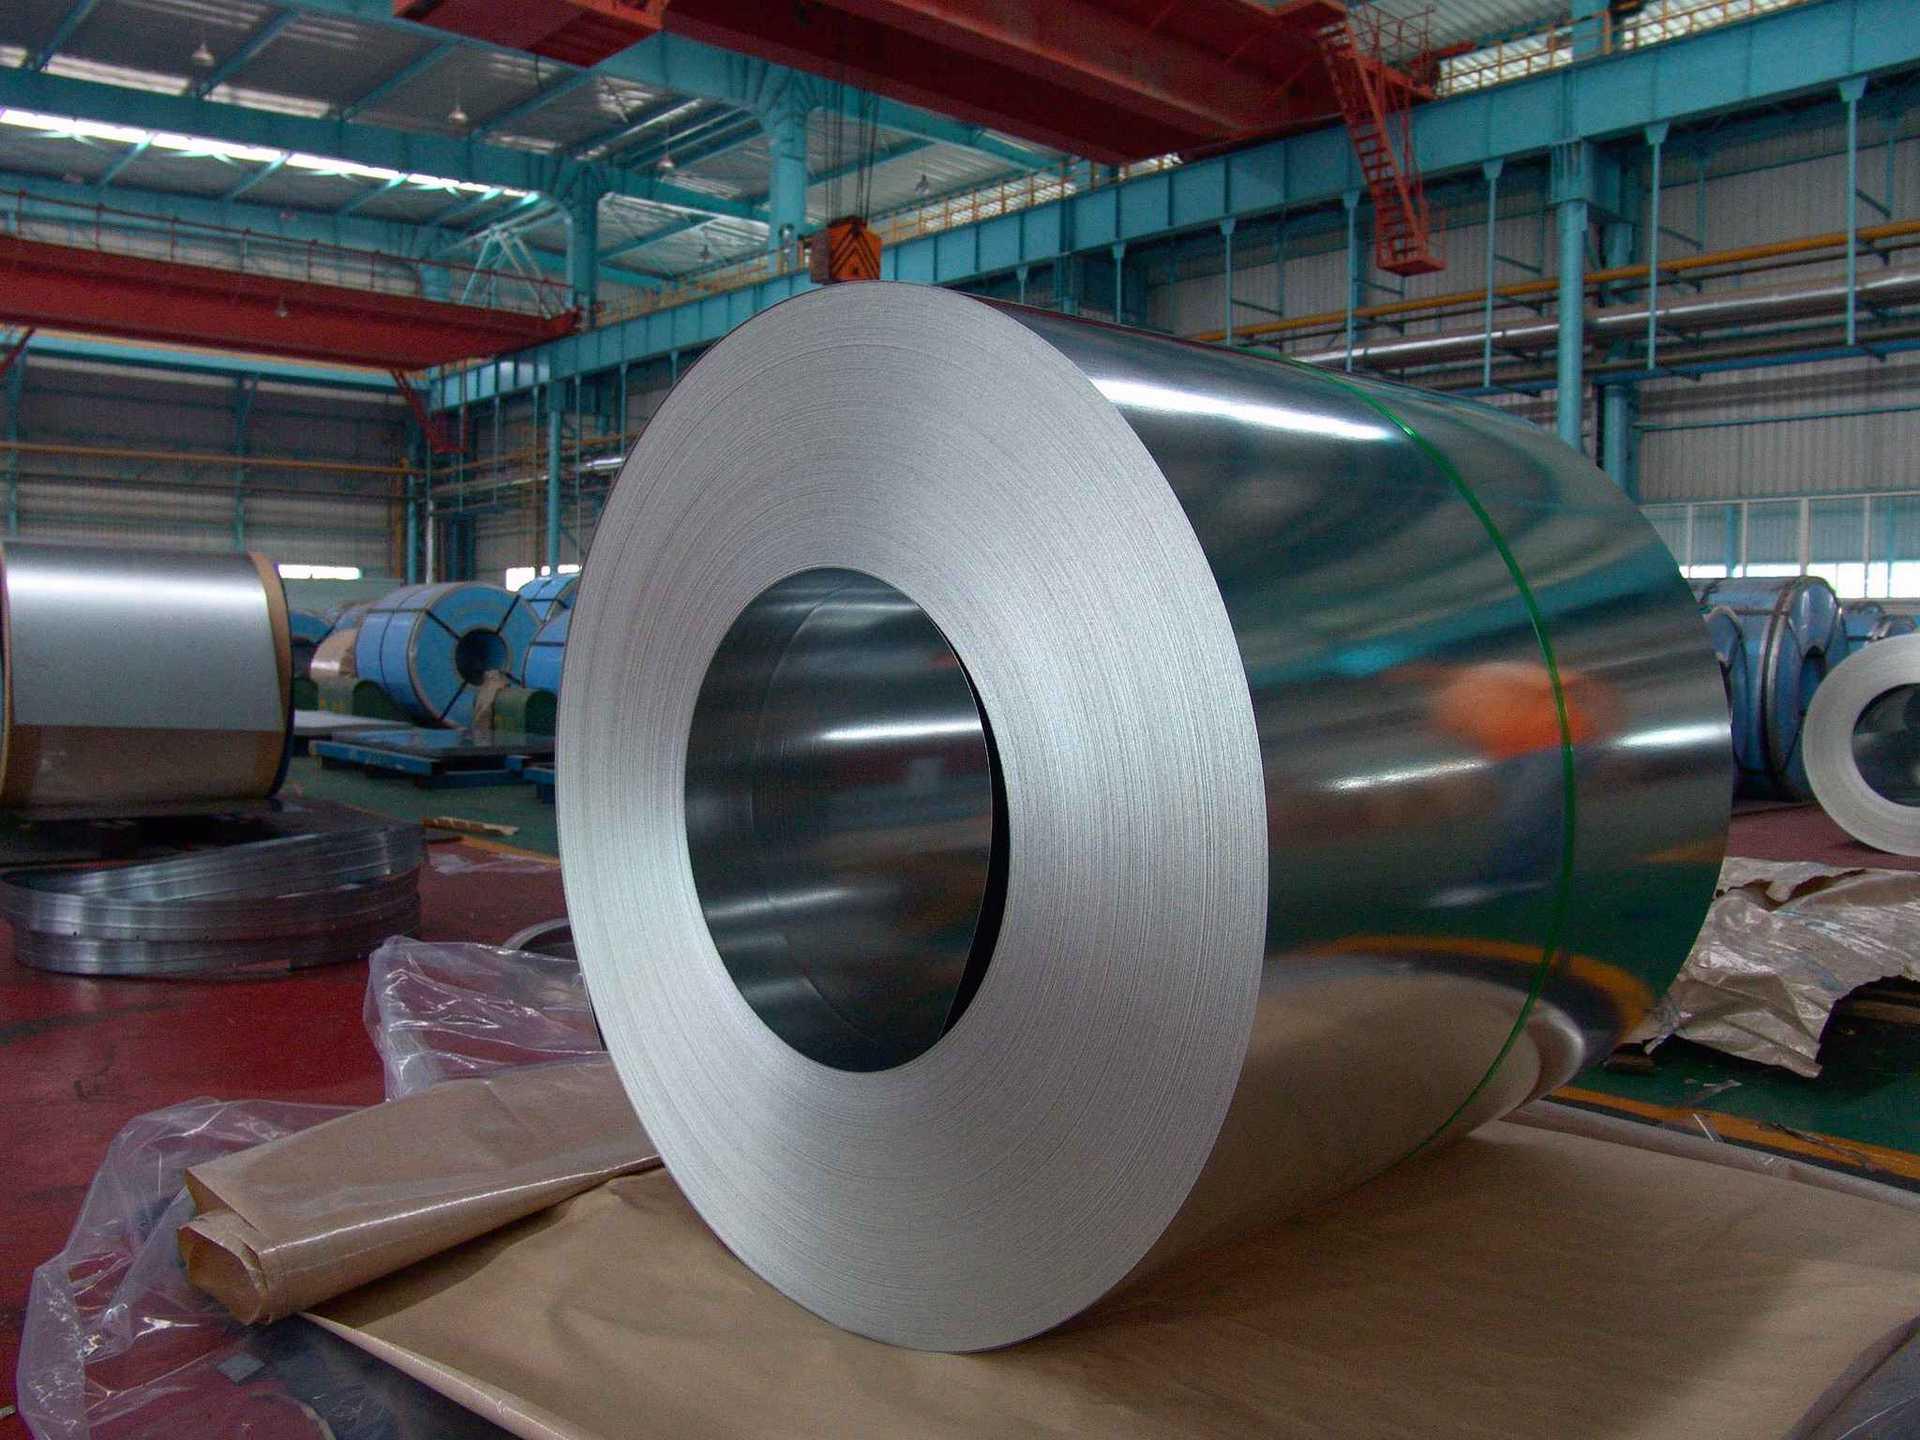 Nhà sản xuất 0.5-16 tấm bảng Q235 tấm nhiệt cung cấp chỗ Vol.